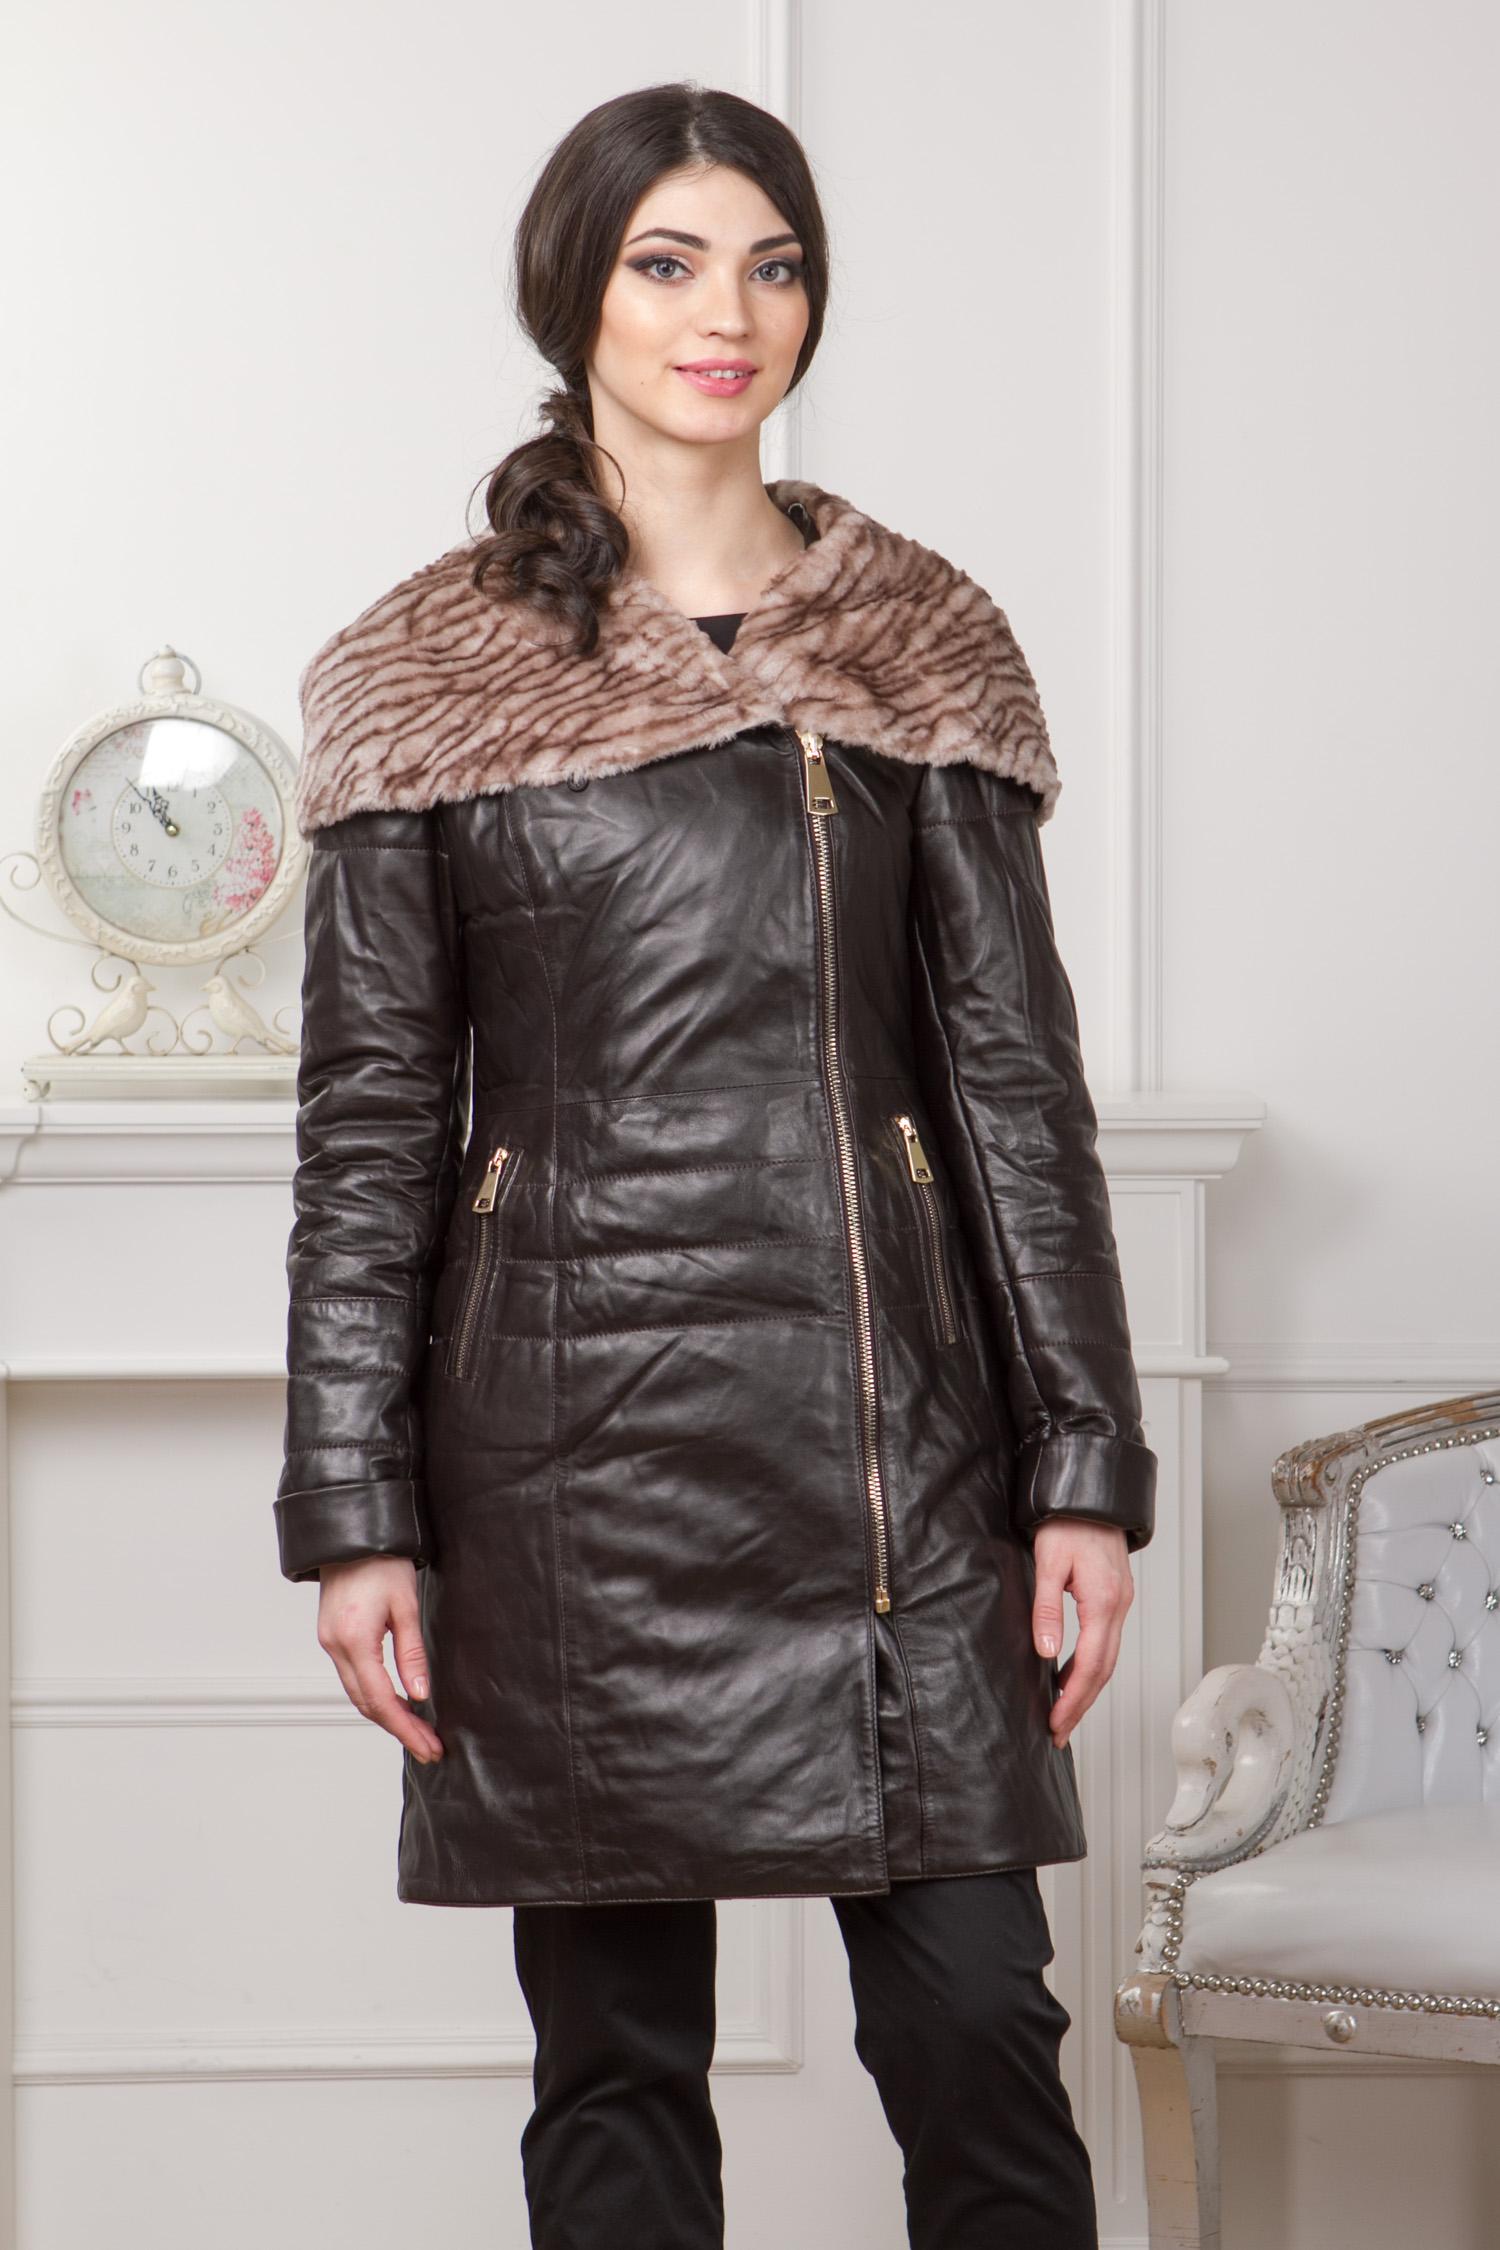 Женское кожаное пальто из натуральной кожи с капюшоном, отделка мутон Женское кожаное пальто из натуральной кожи с капюшоном, отделка мутон